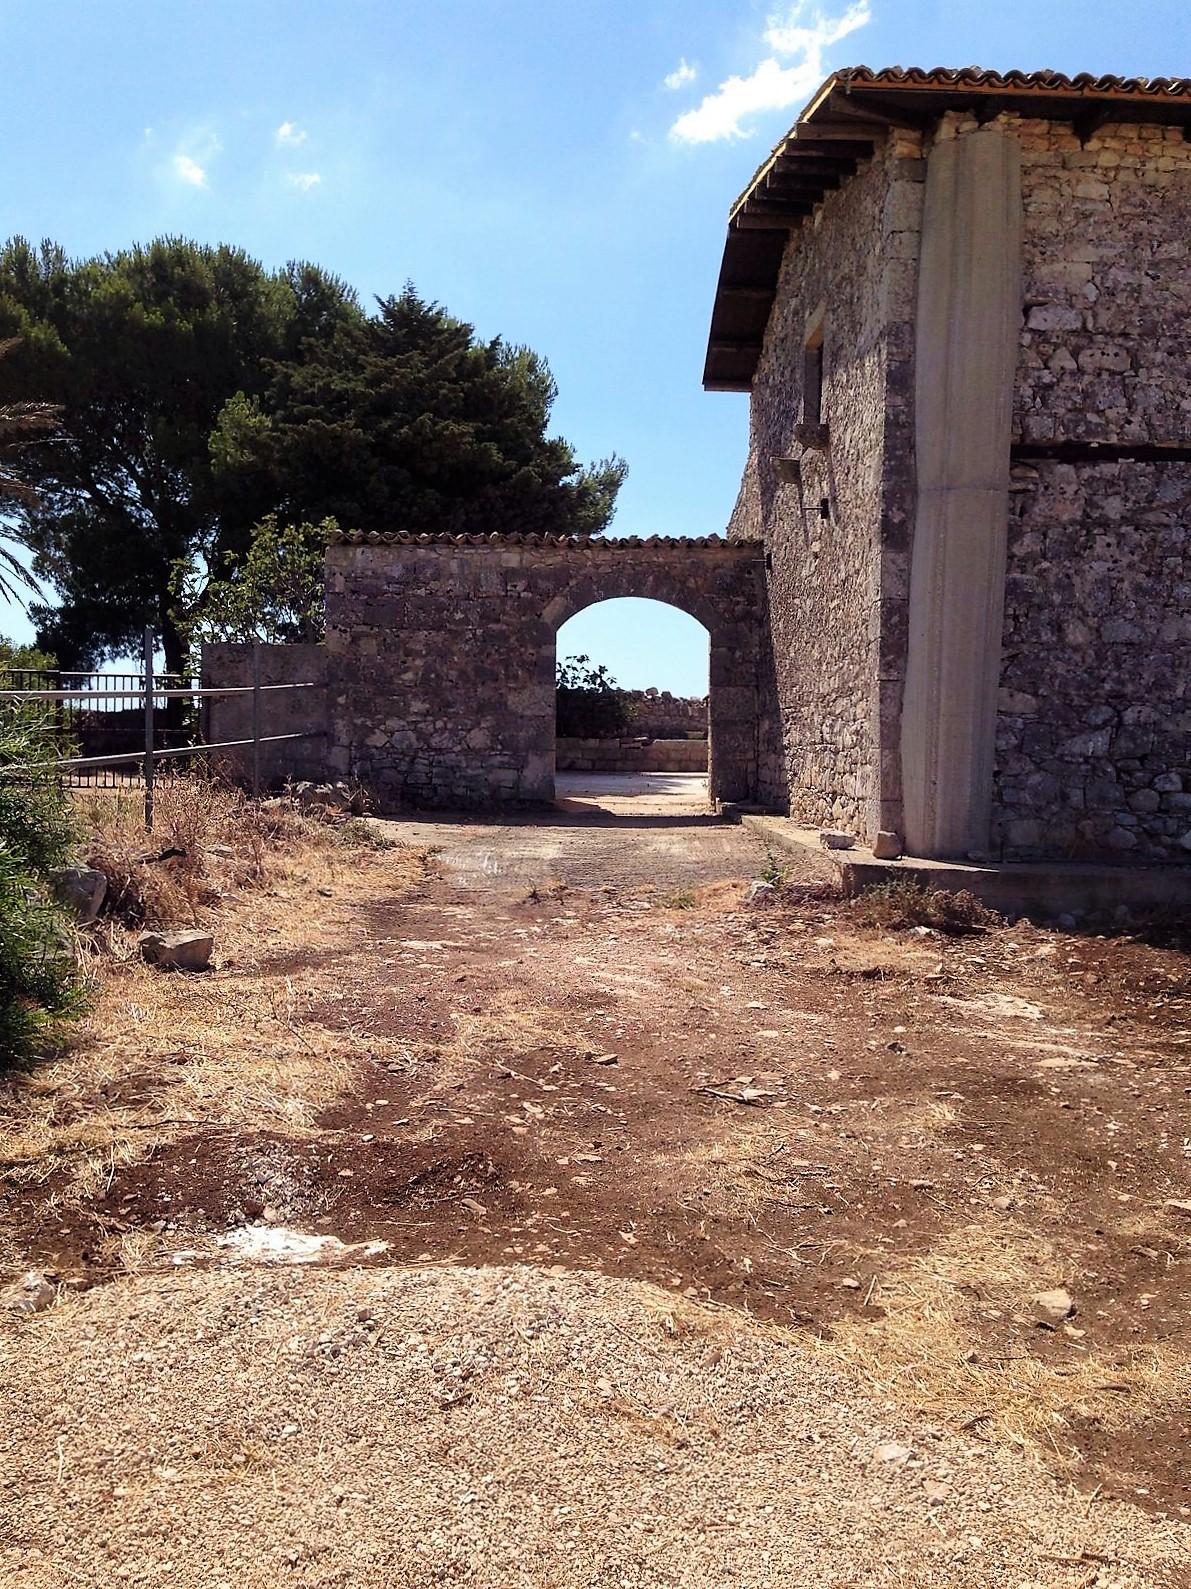 https://www.ragusanews.com//immagini_articoli/30-10-2016/1477843659-1-casale-rurale-in-contrada-pizzillo.jpg